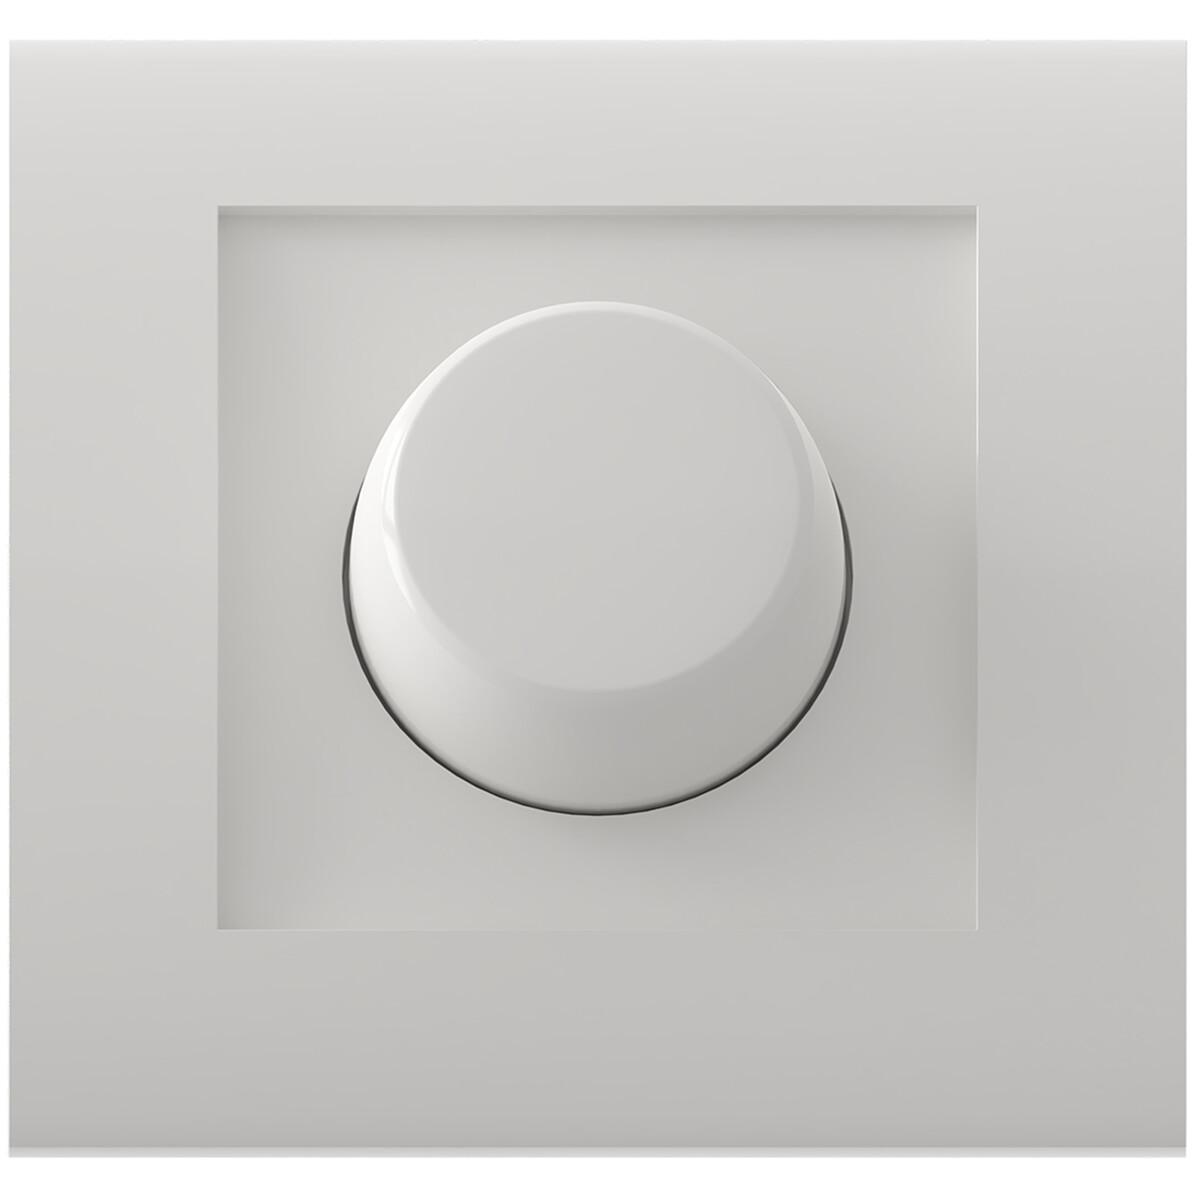 CALEX - LED Dimmer - Inbouwdimmer - Enkel Knop - 3-70W - Incl. Afdekraam - Wit